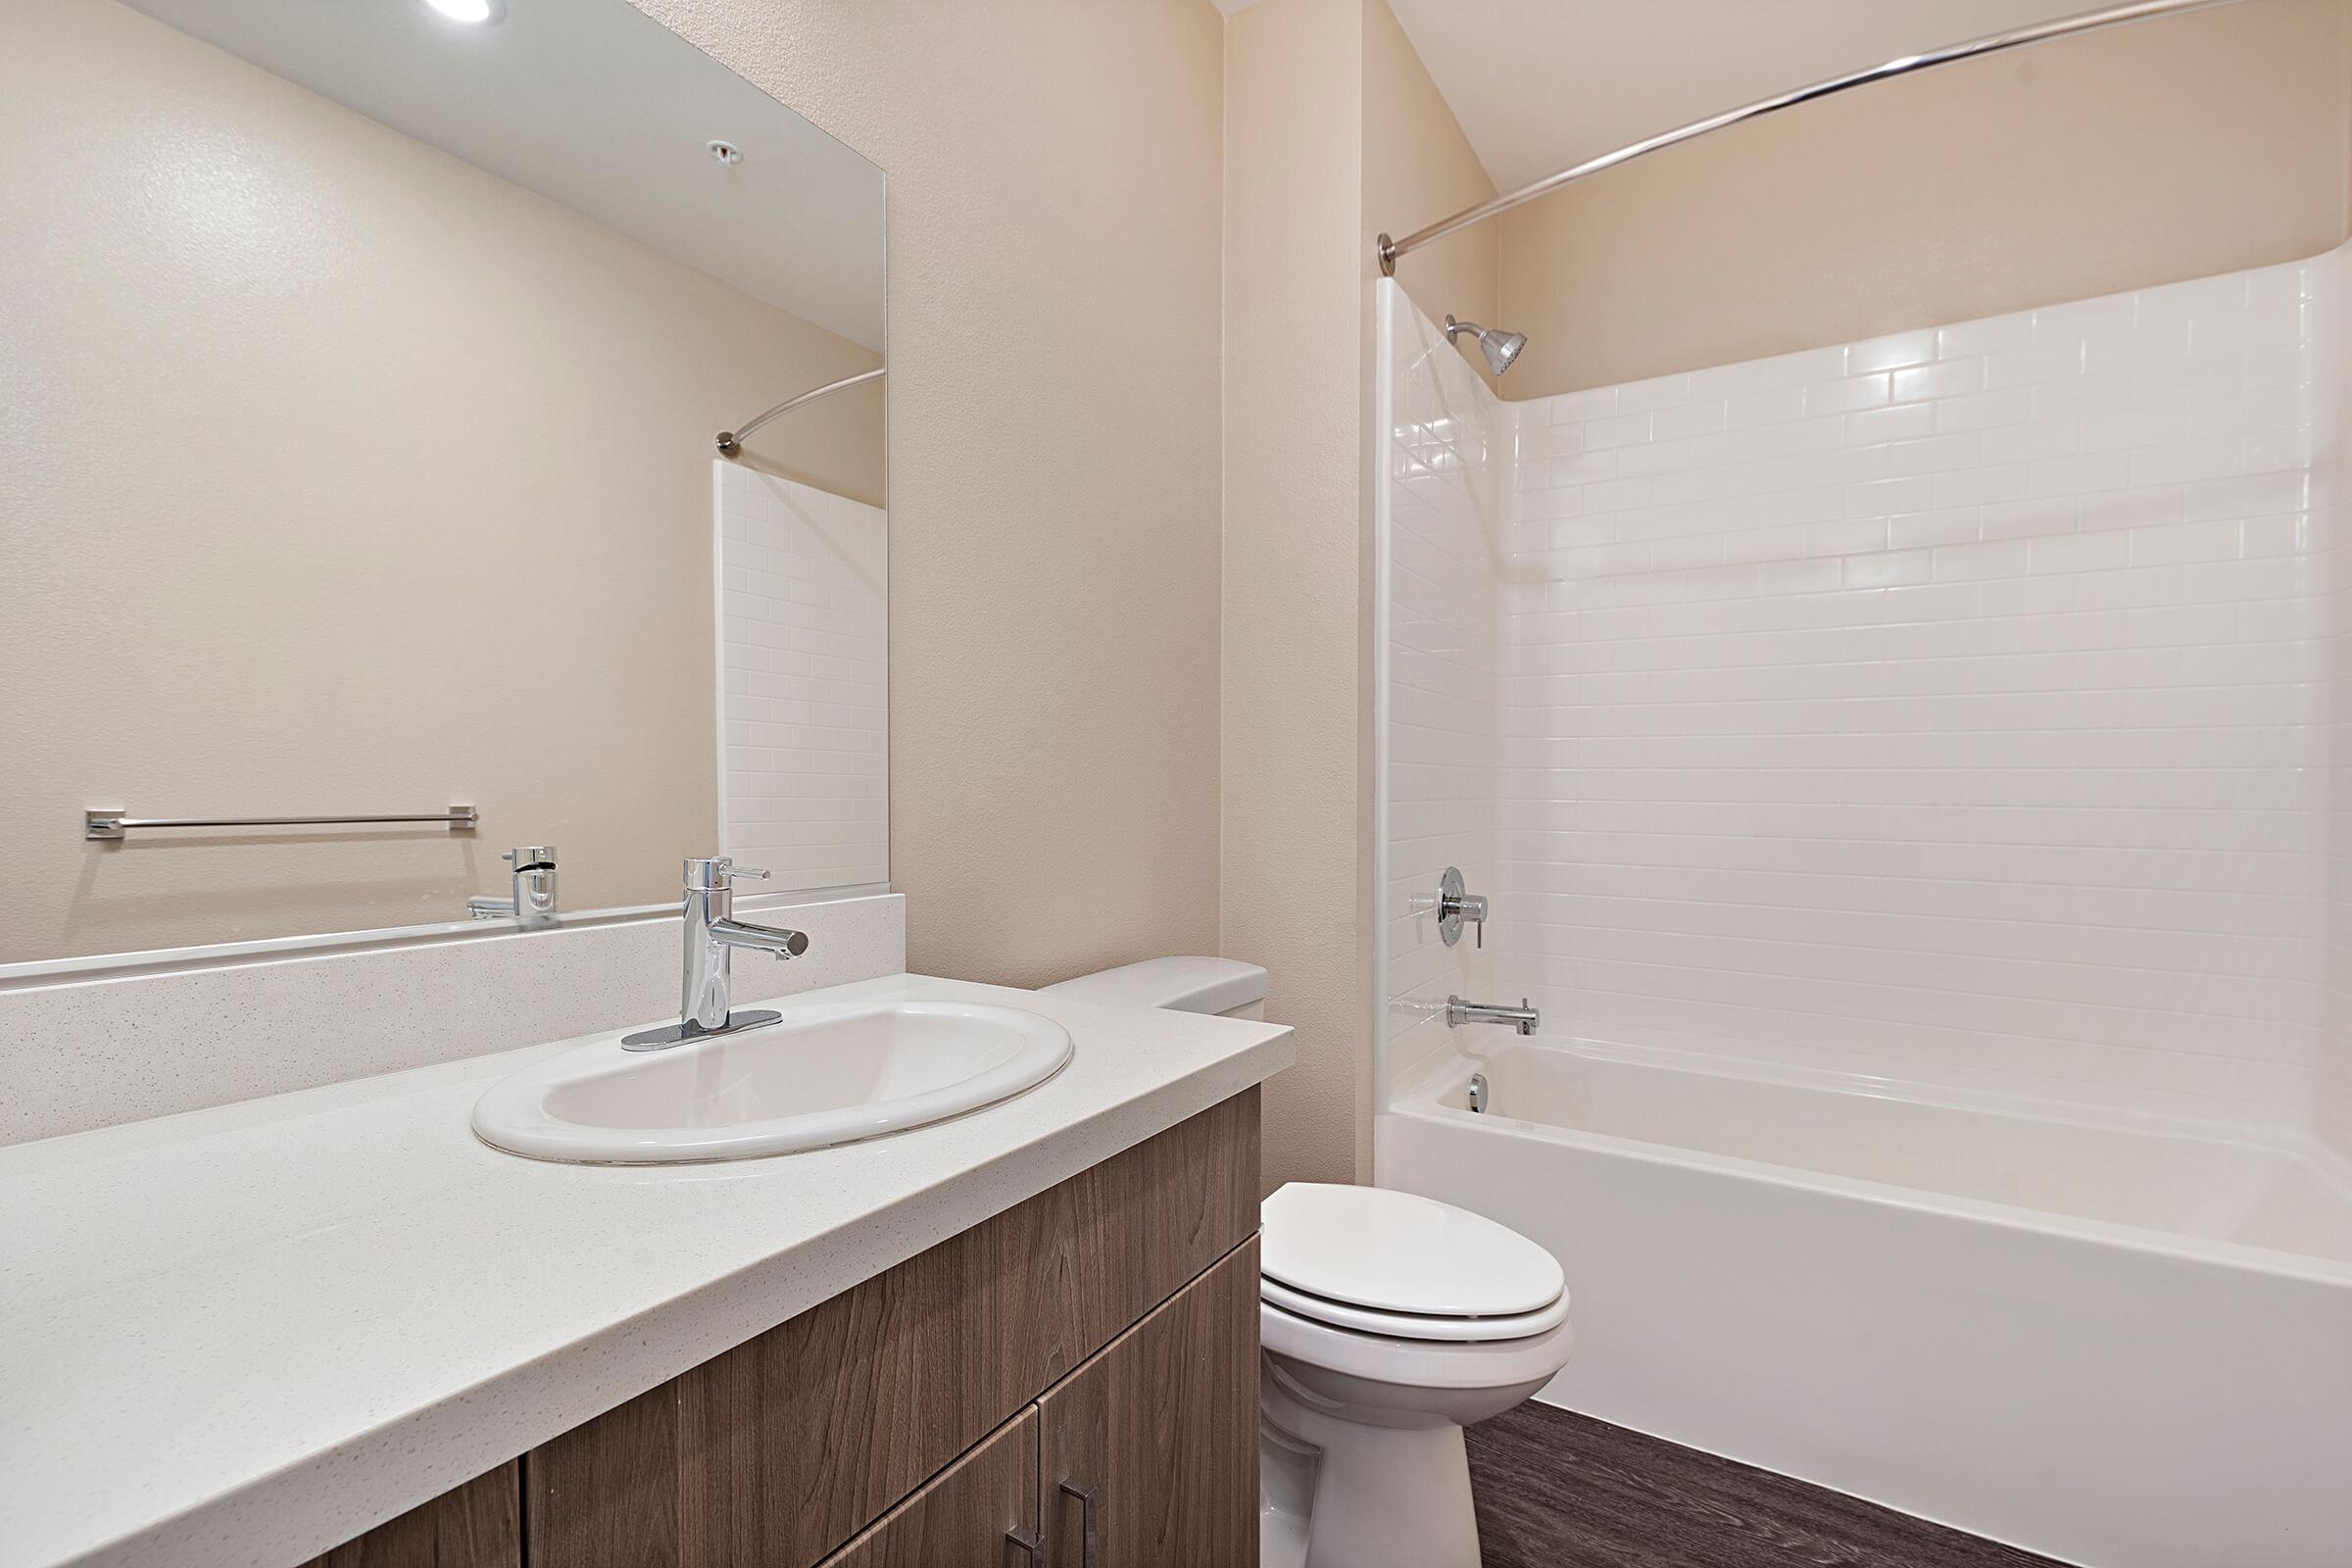 Bathroom with wooden floor